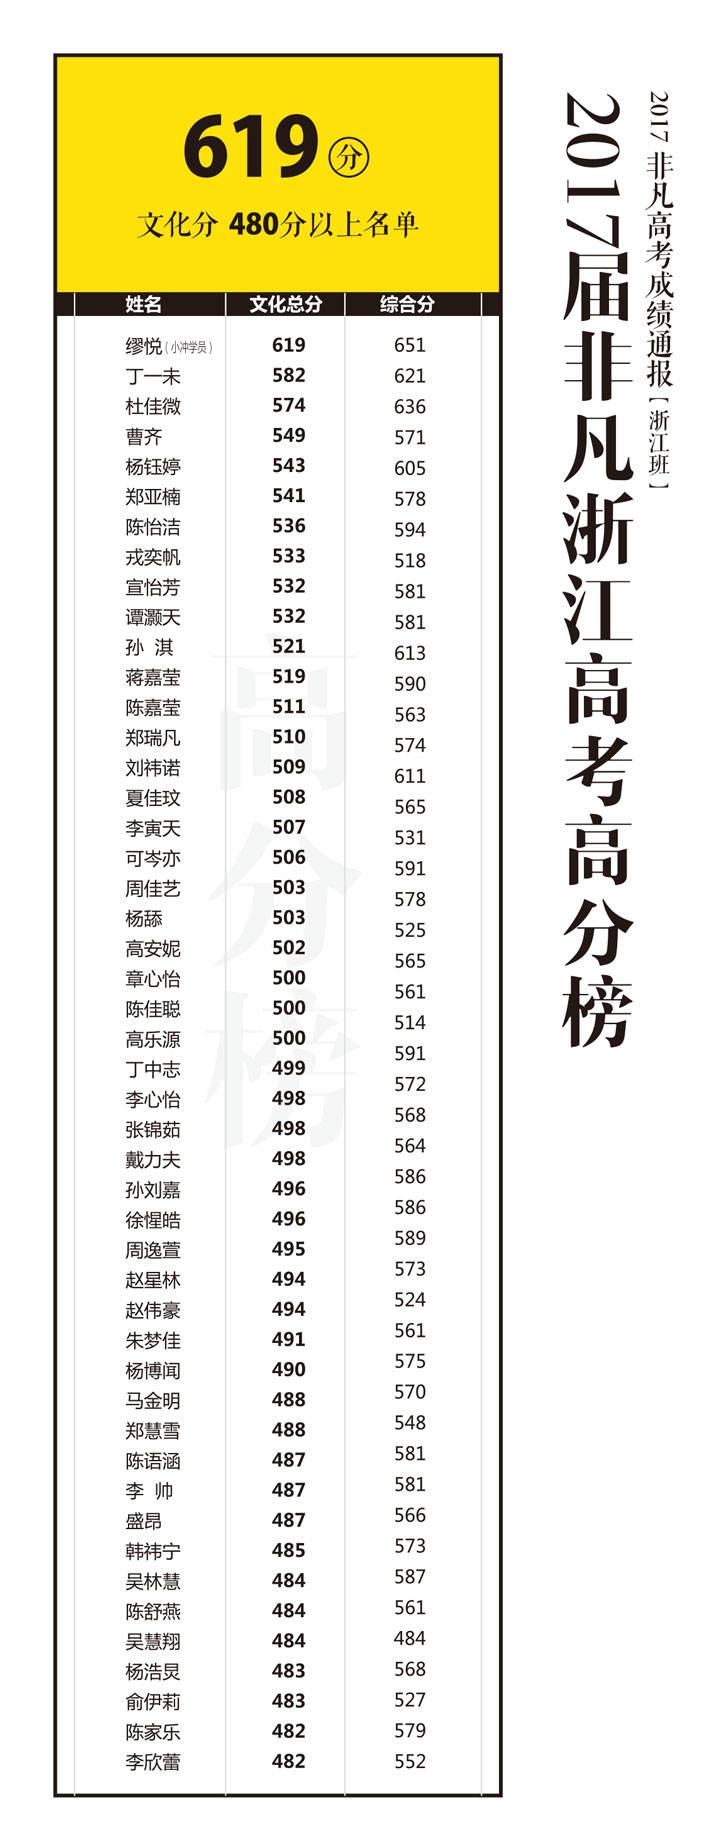 2017浙江高考高分榜.jpg